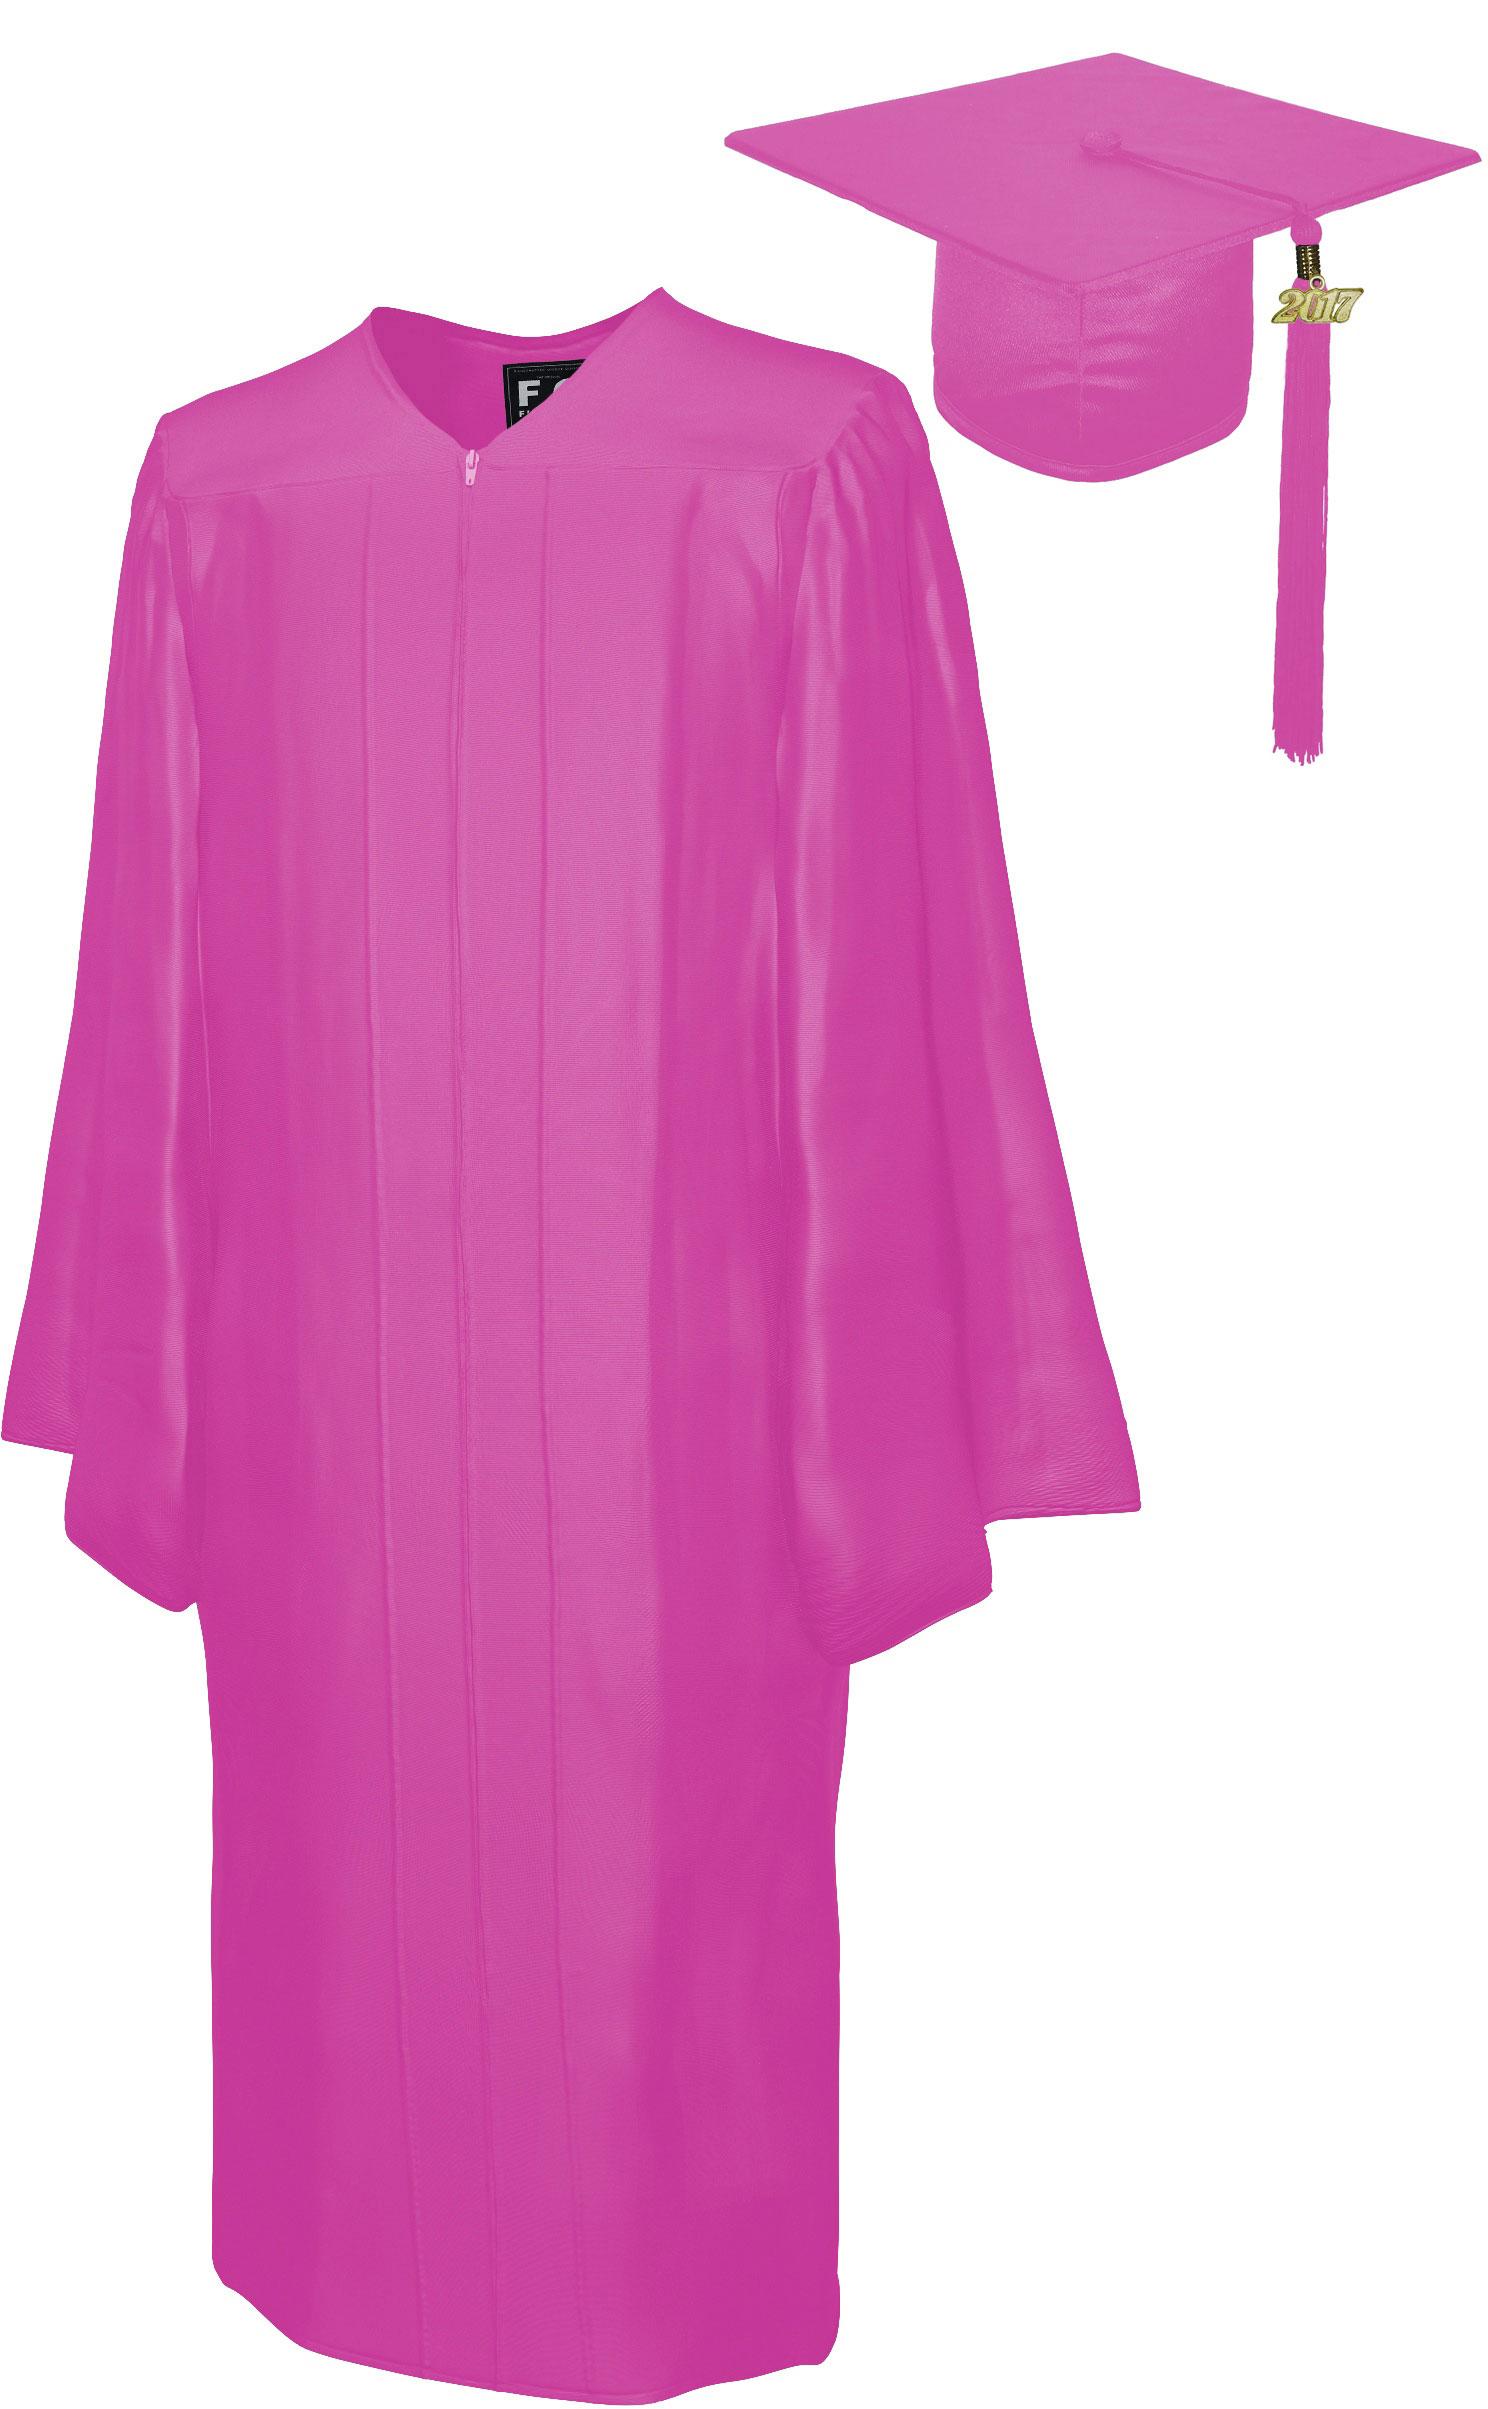 SHINY PINK CAP & GOWN BACHELOR GRADUATION SET-rs4251465601479